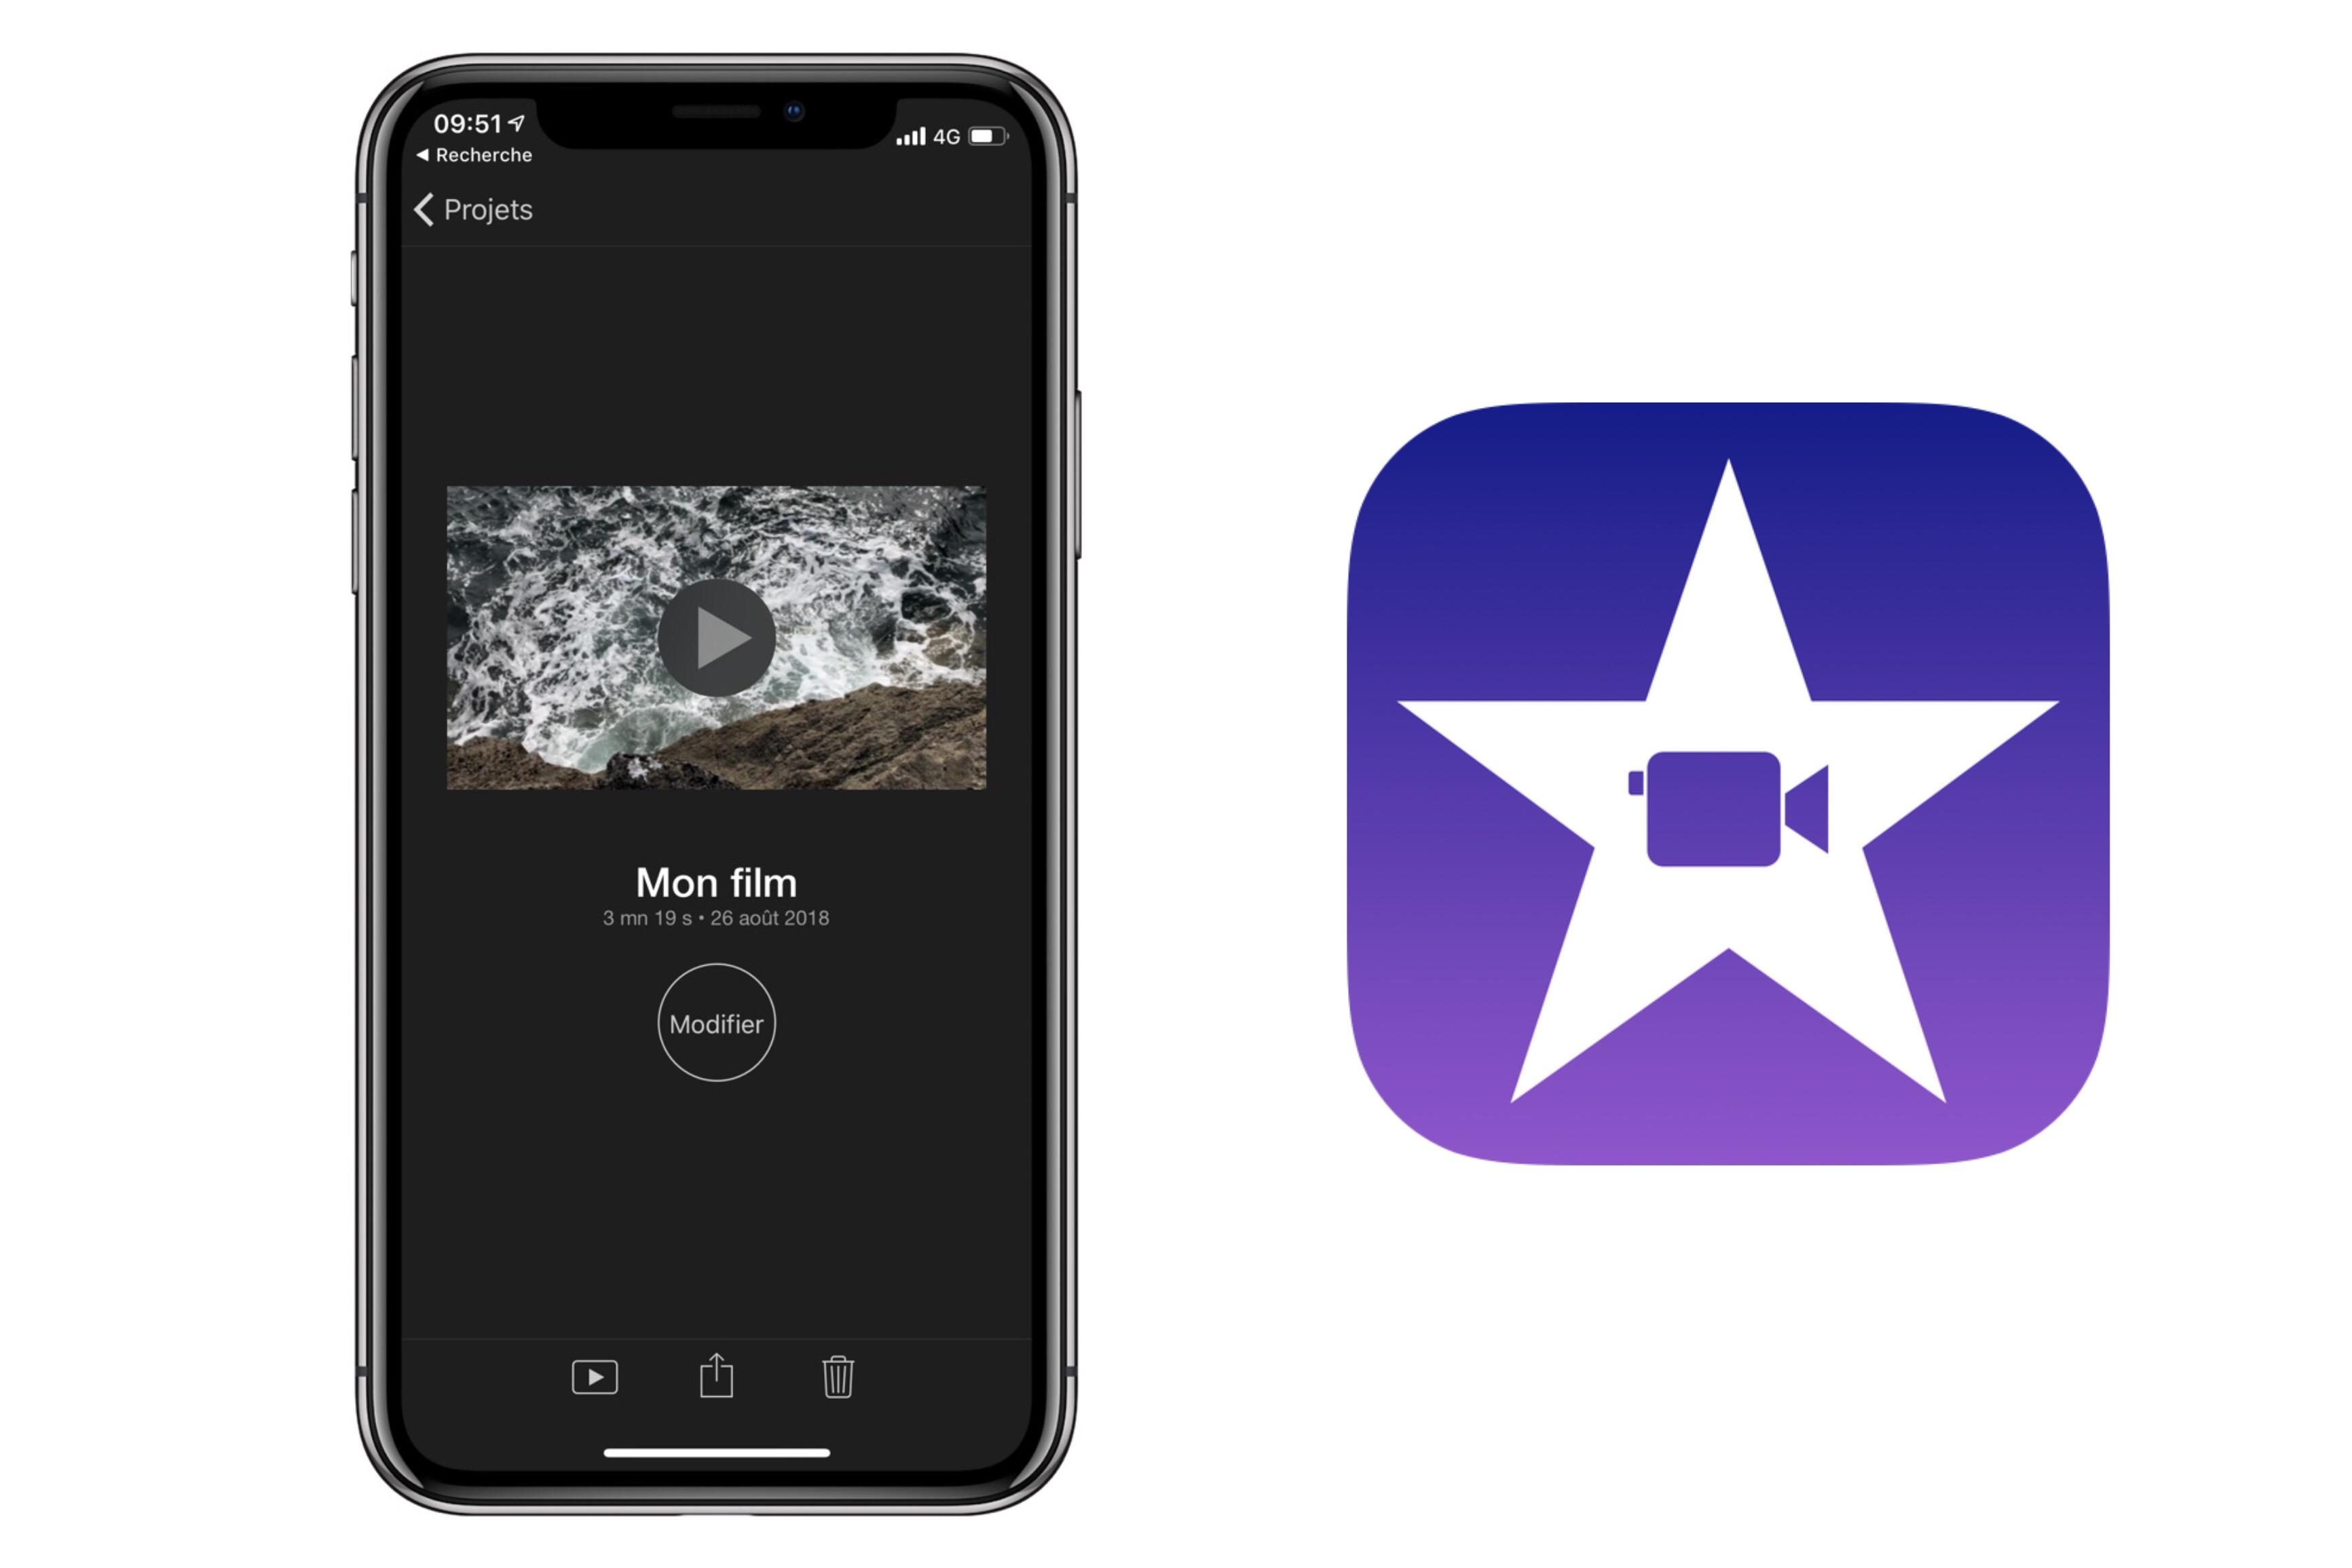 Nouvelle version d'iMovie sur iPhone et iPad  avec notamment le support des «fonds verts» 1